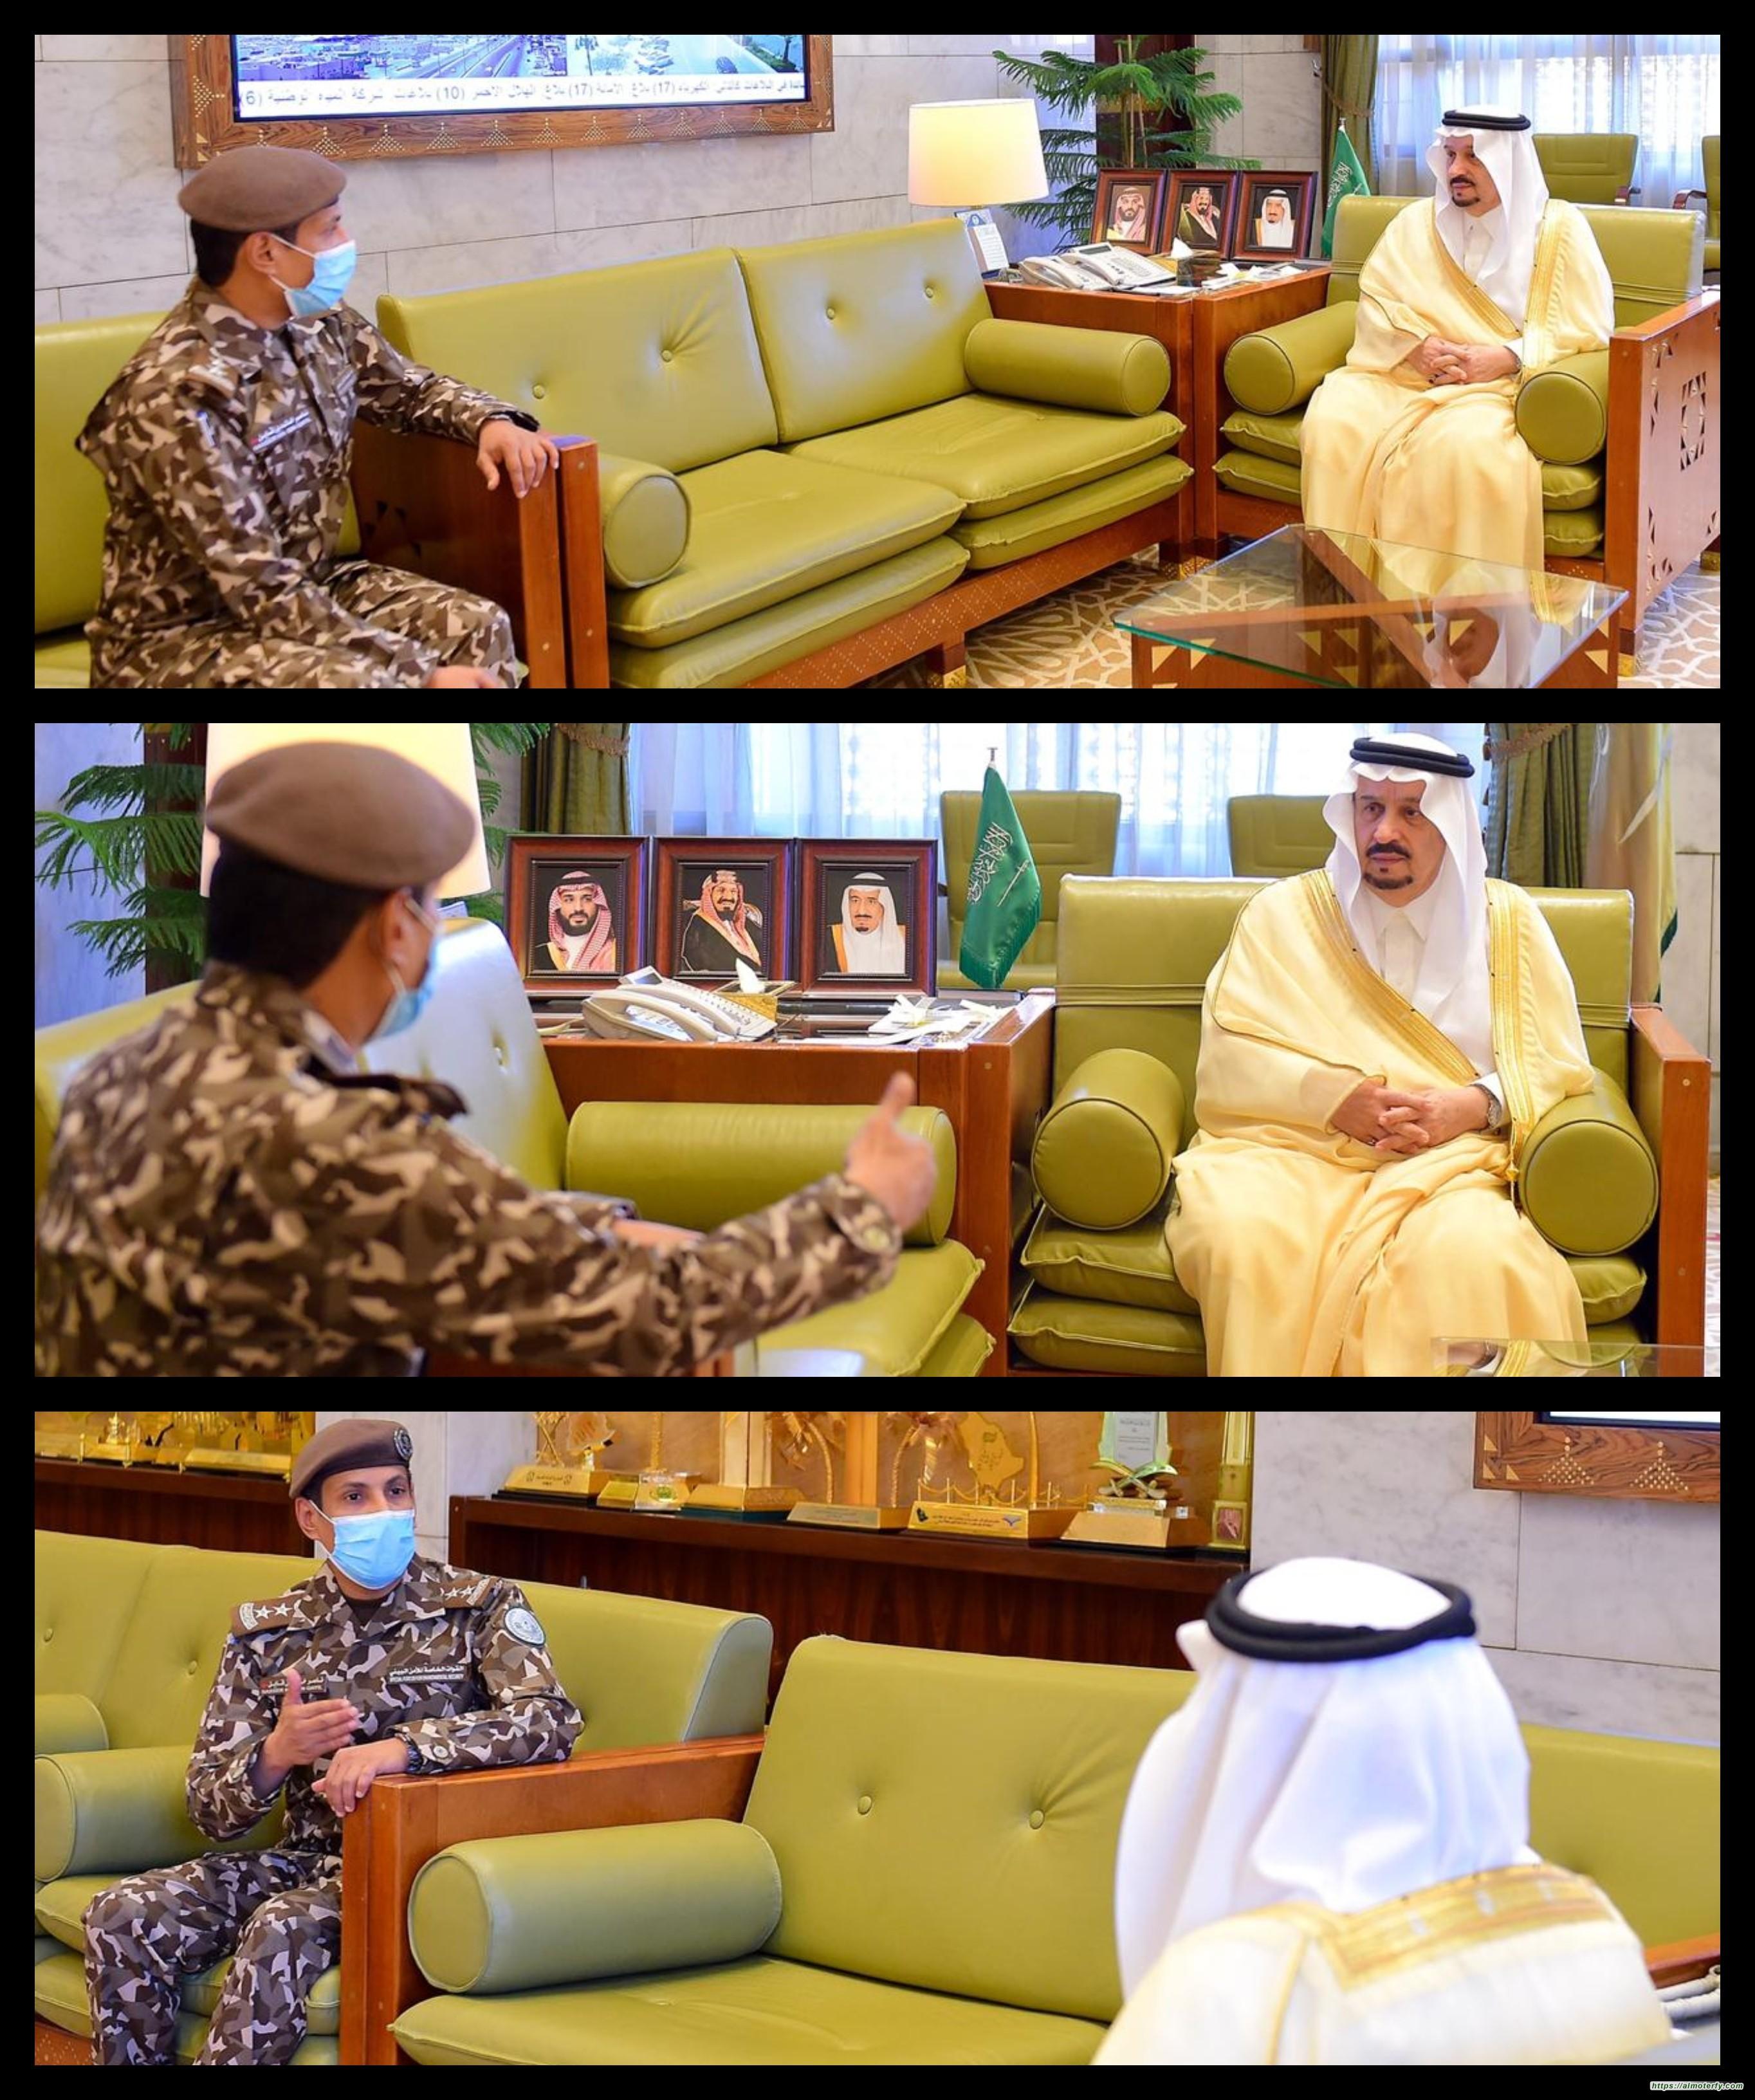 سمو أمير منطقة الرياض يستقبل قائد القوات الخاصة للأمن البيئي بالمنطقة